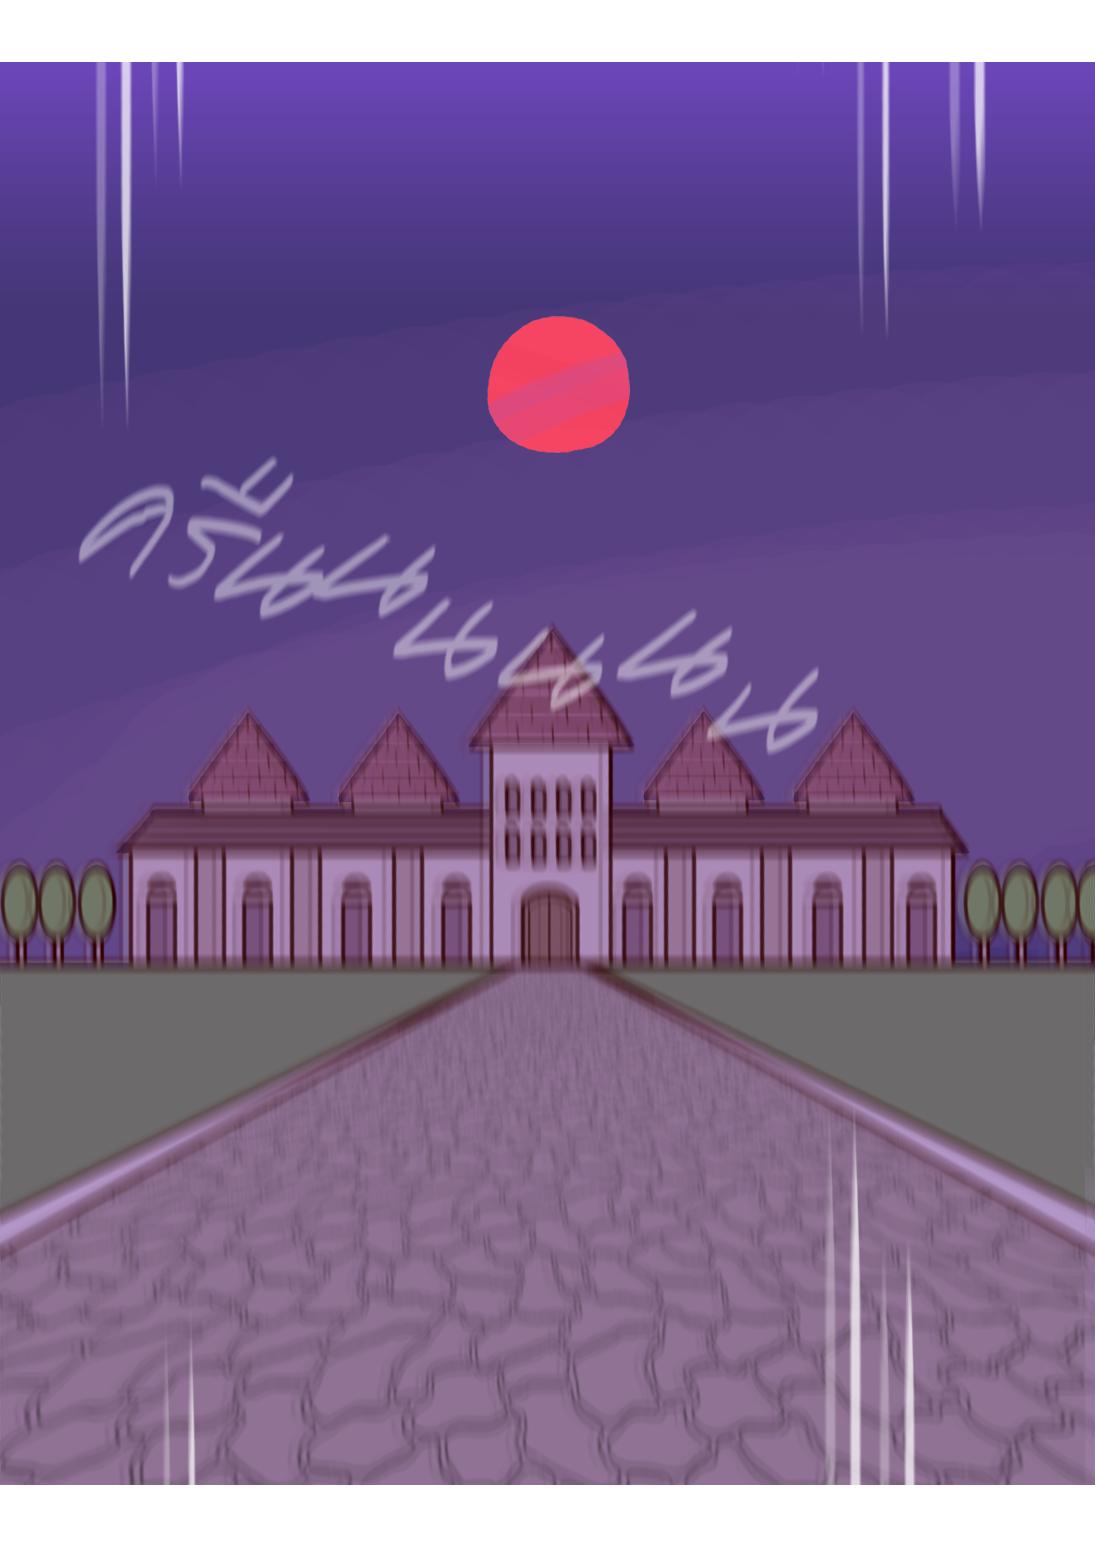 บทที่ 4 - คืนพระจันทร์สีแดง